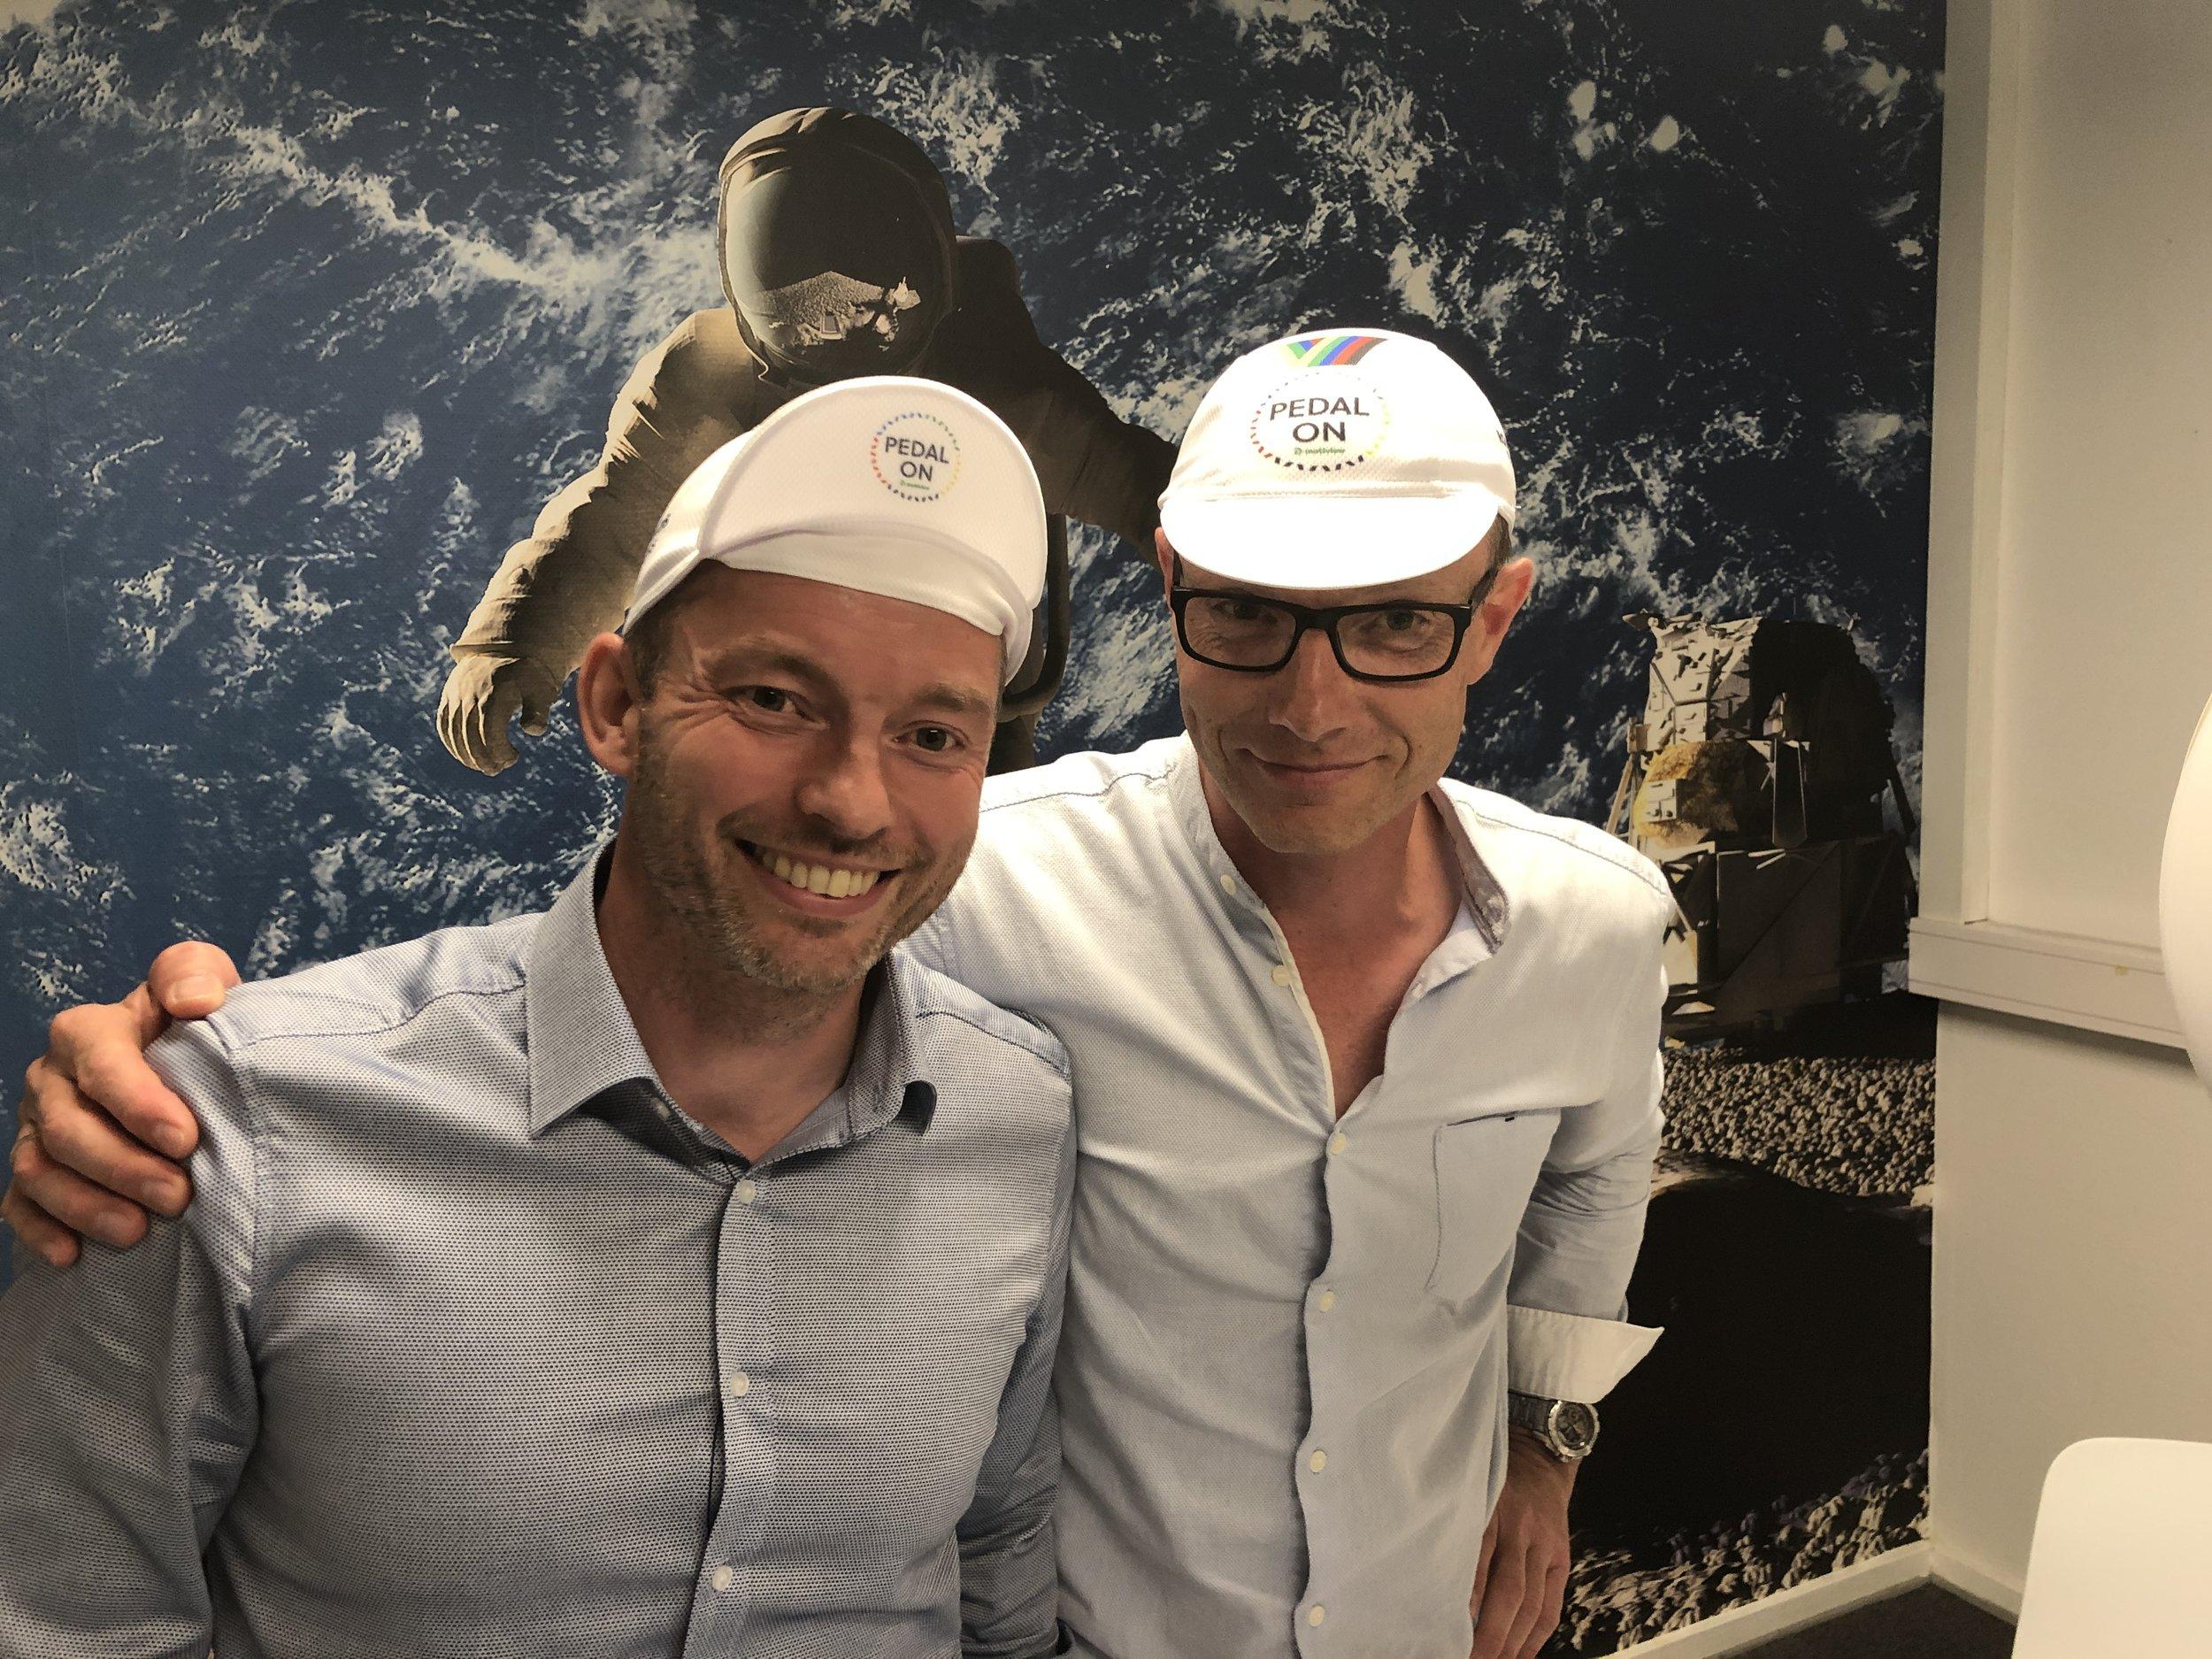 MEYRA SKAL SELGE MOTIVIEW: Direktør Torben Jørgensen (t.v) og produktspesialist Lars Büchert, får ansvaret for det Danske markedet.